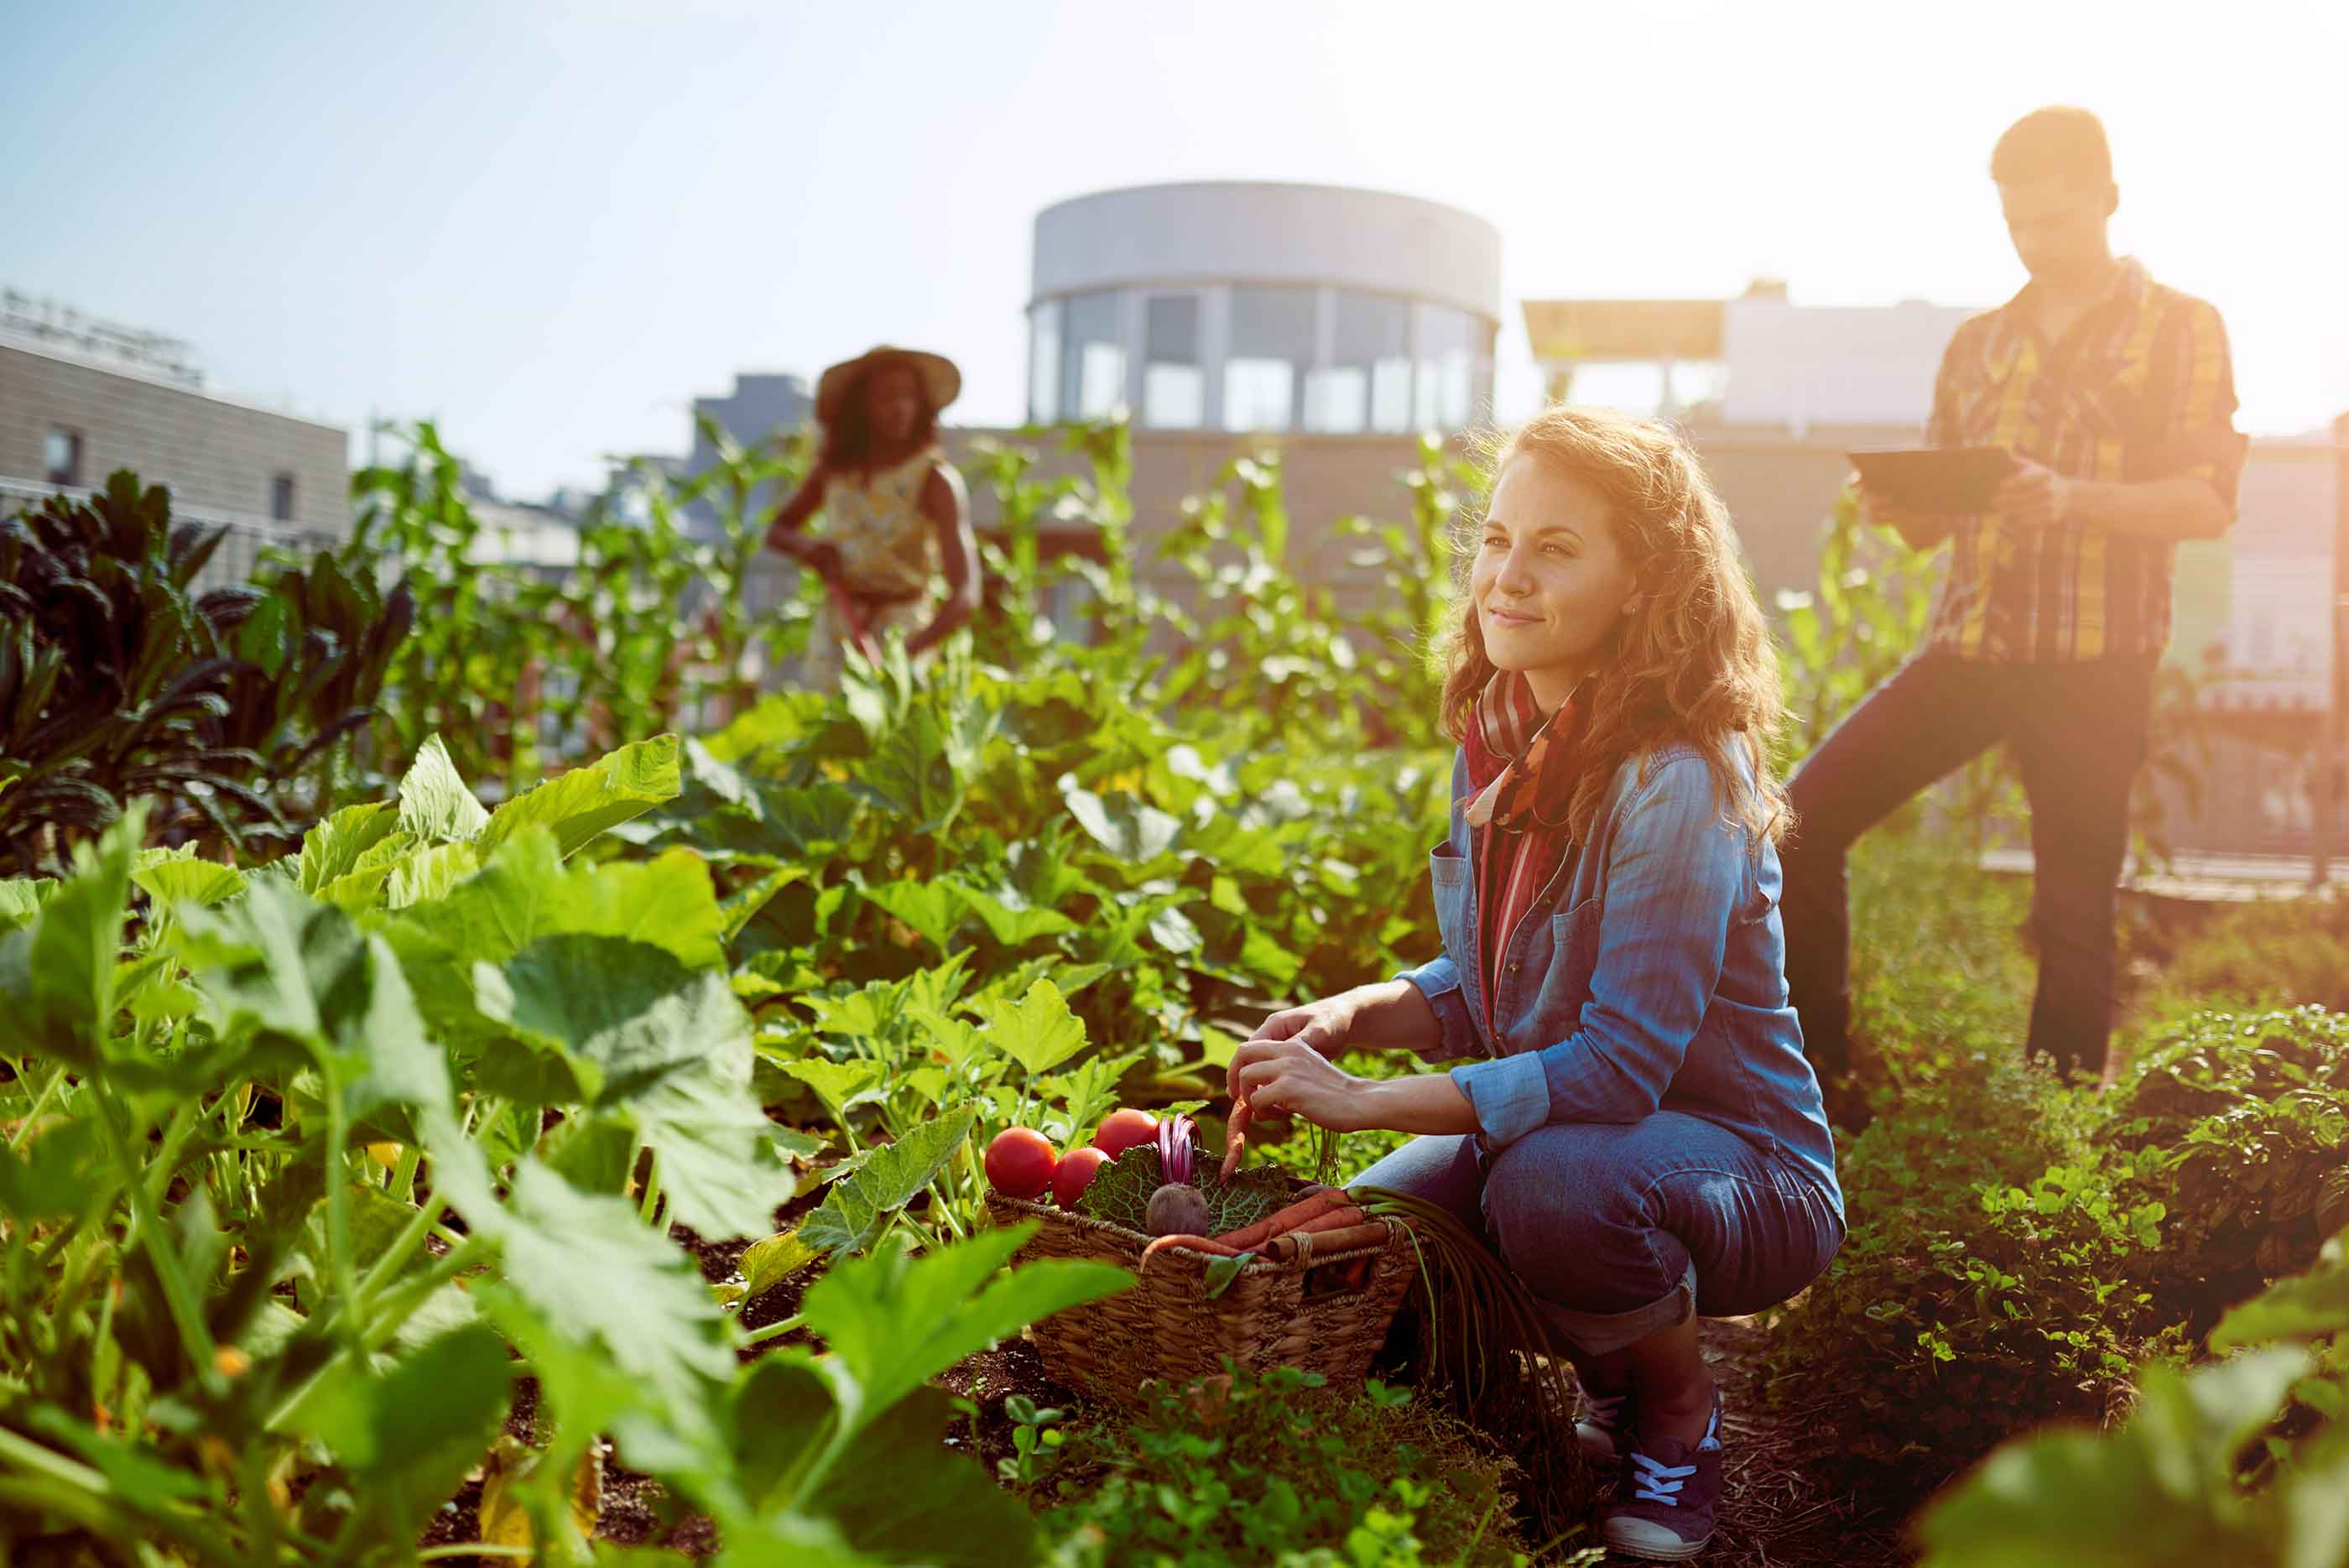 Un Petit Potager Productif projet d'agriculture urbaine et potager maraîcher dans le